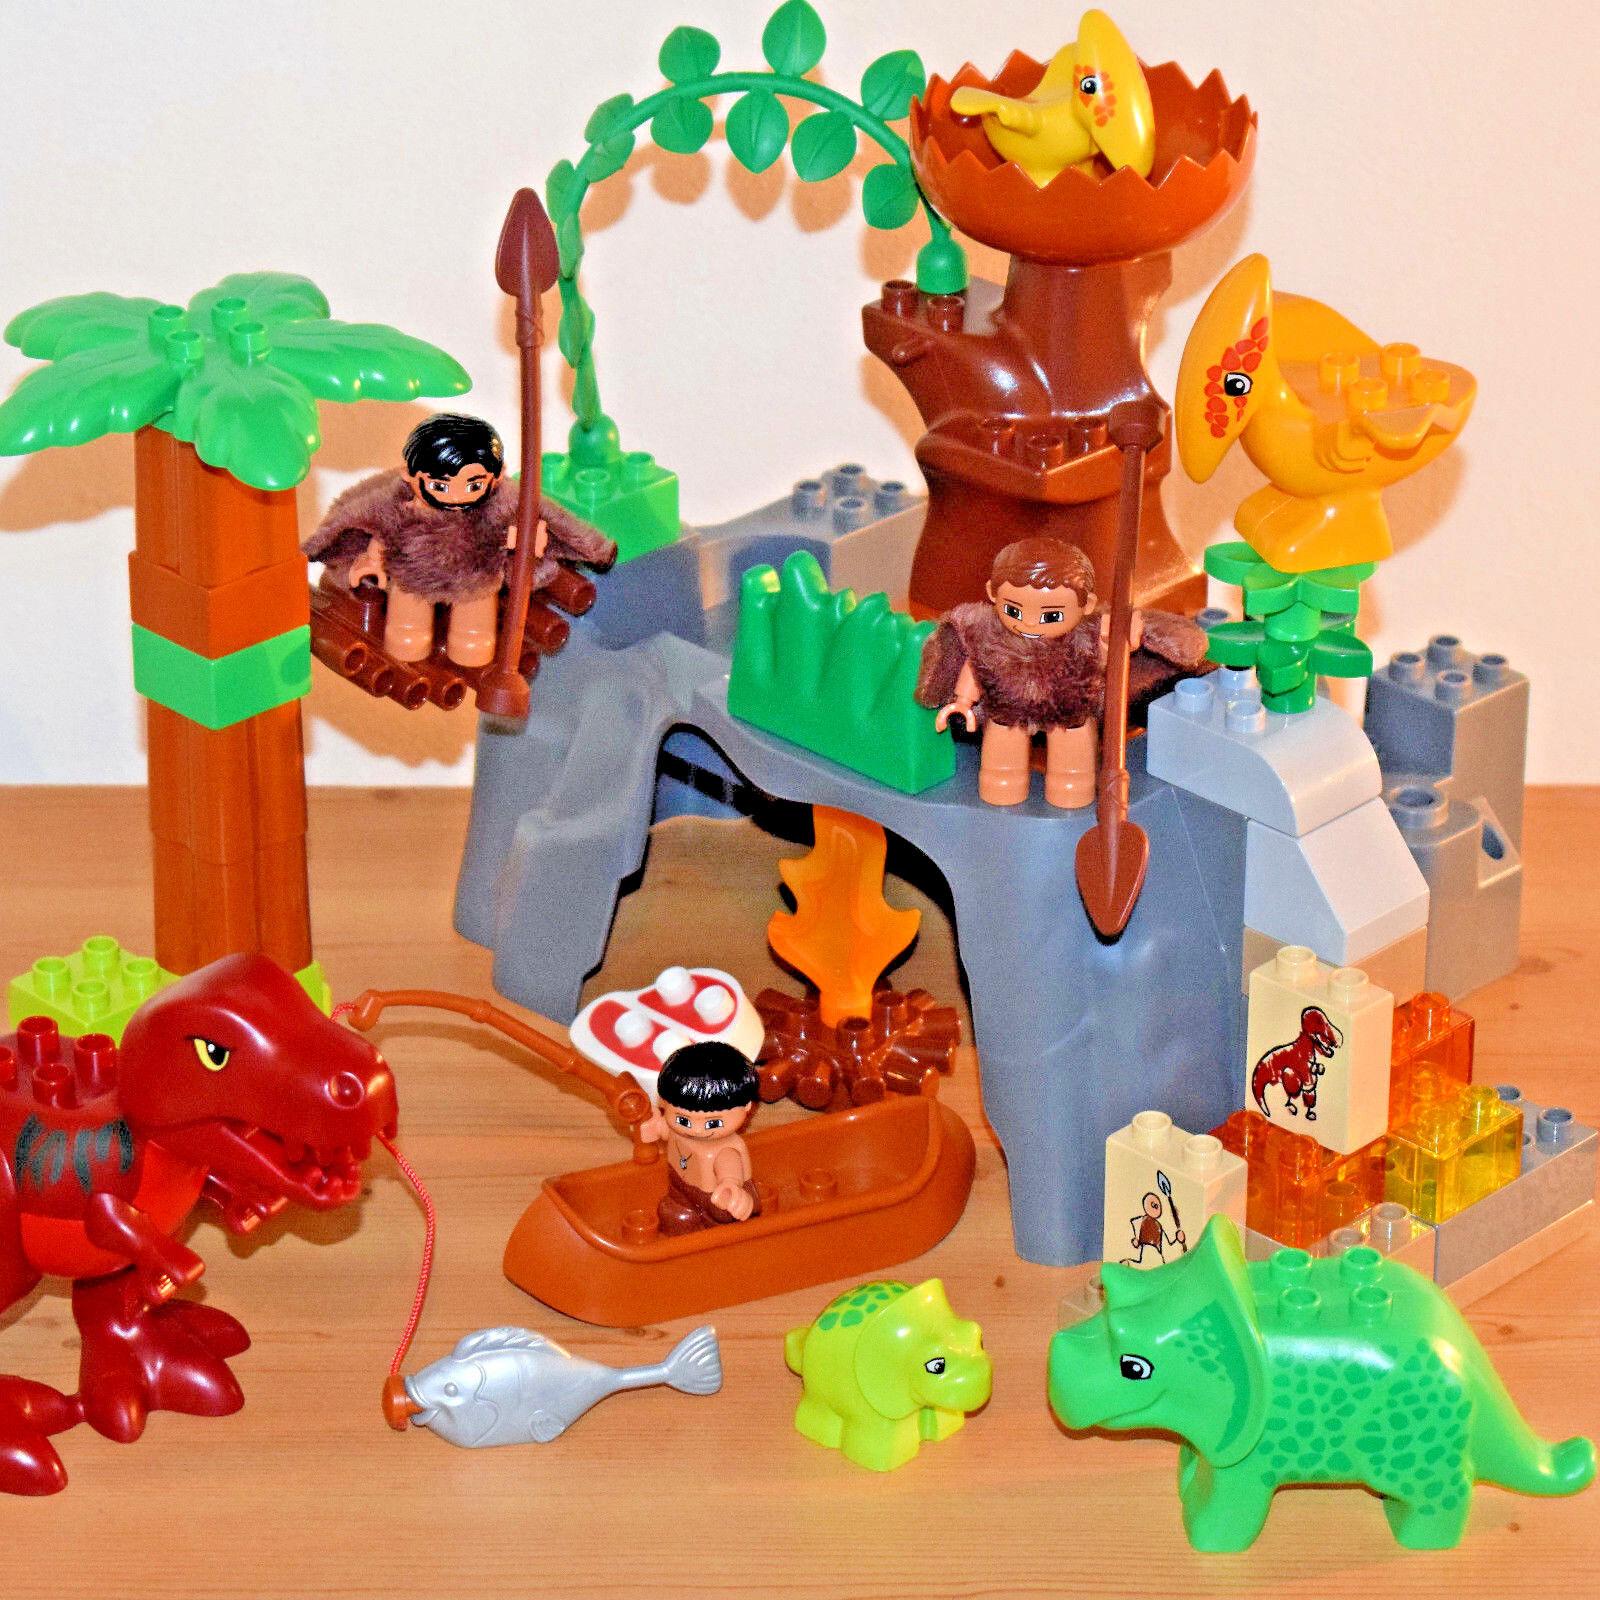 LEGO DUPLO Dino Valley - Dinosaurs World Cavemen T-Rex Jurassic Park (set 5598)